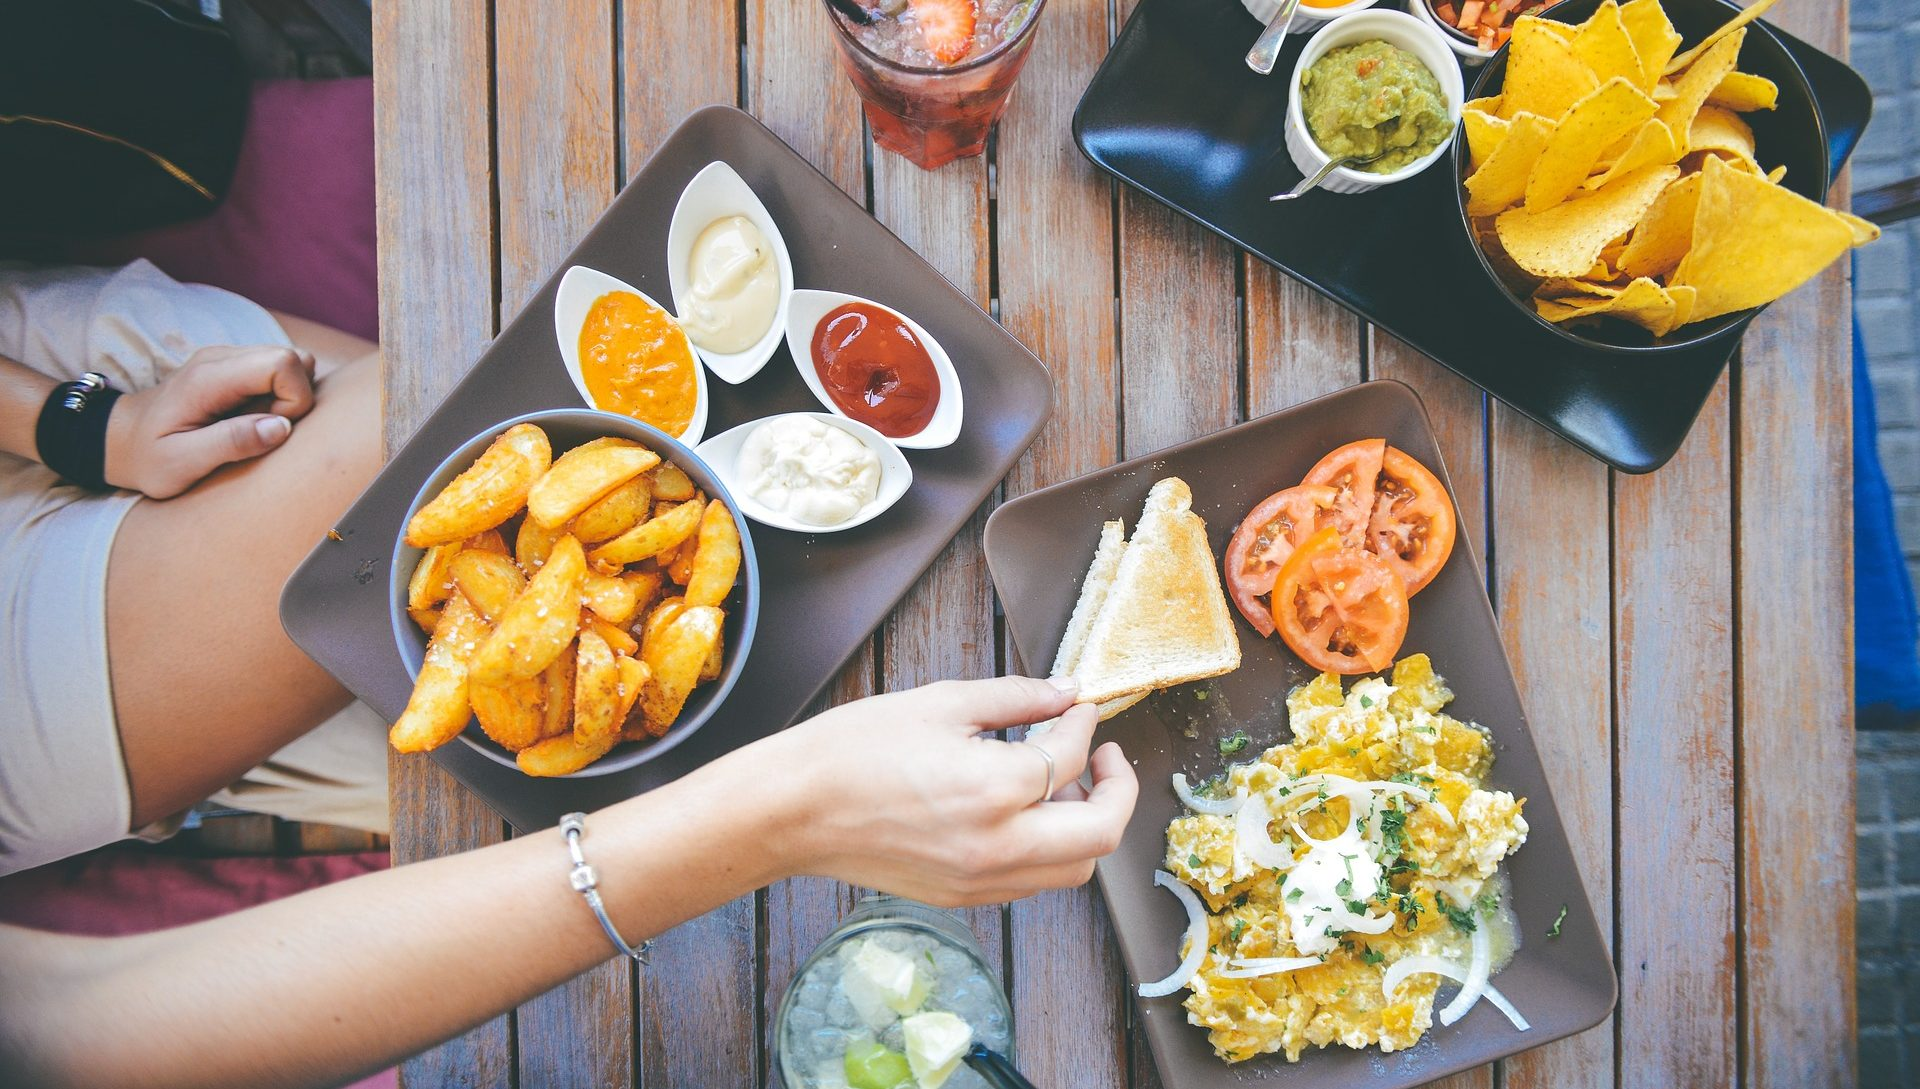 8 вопросов фуд-блогерам о том, как готовить с удовольствием